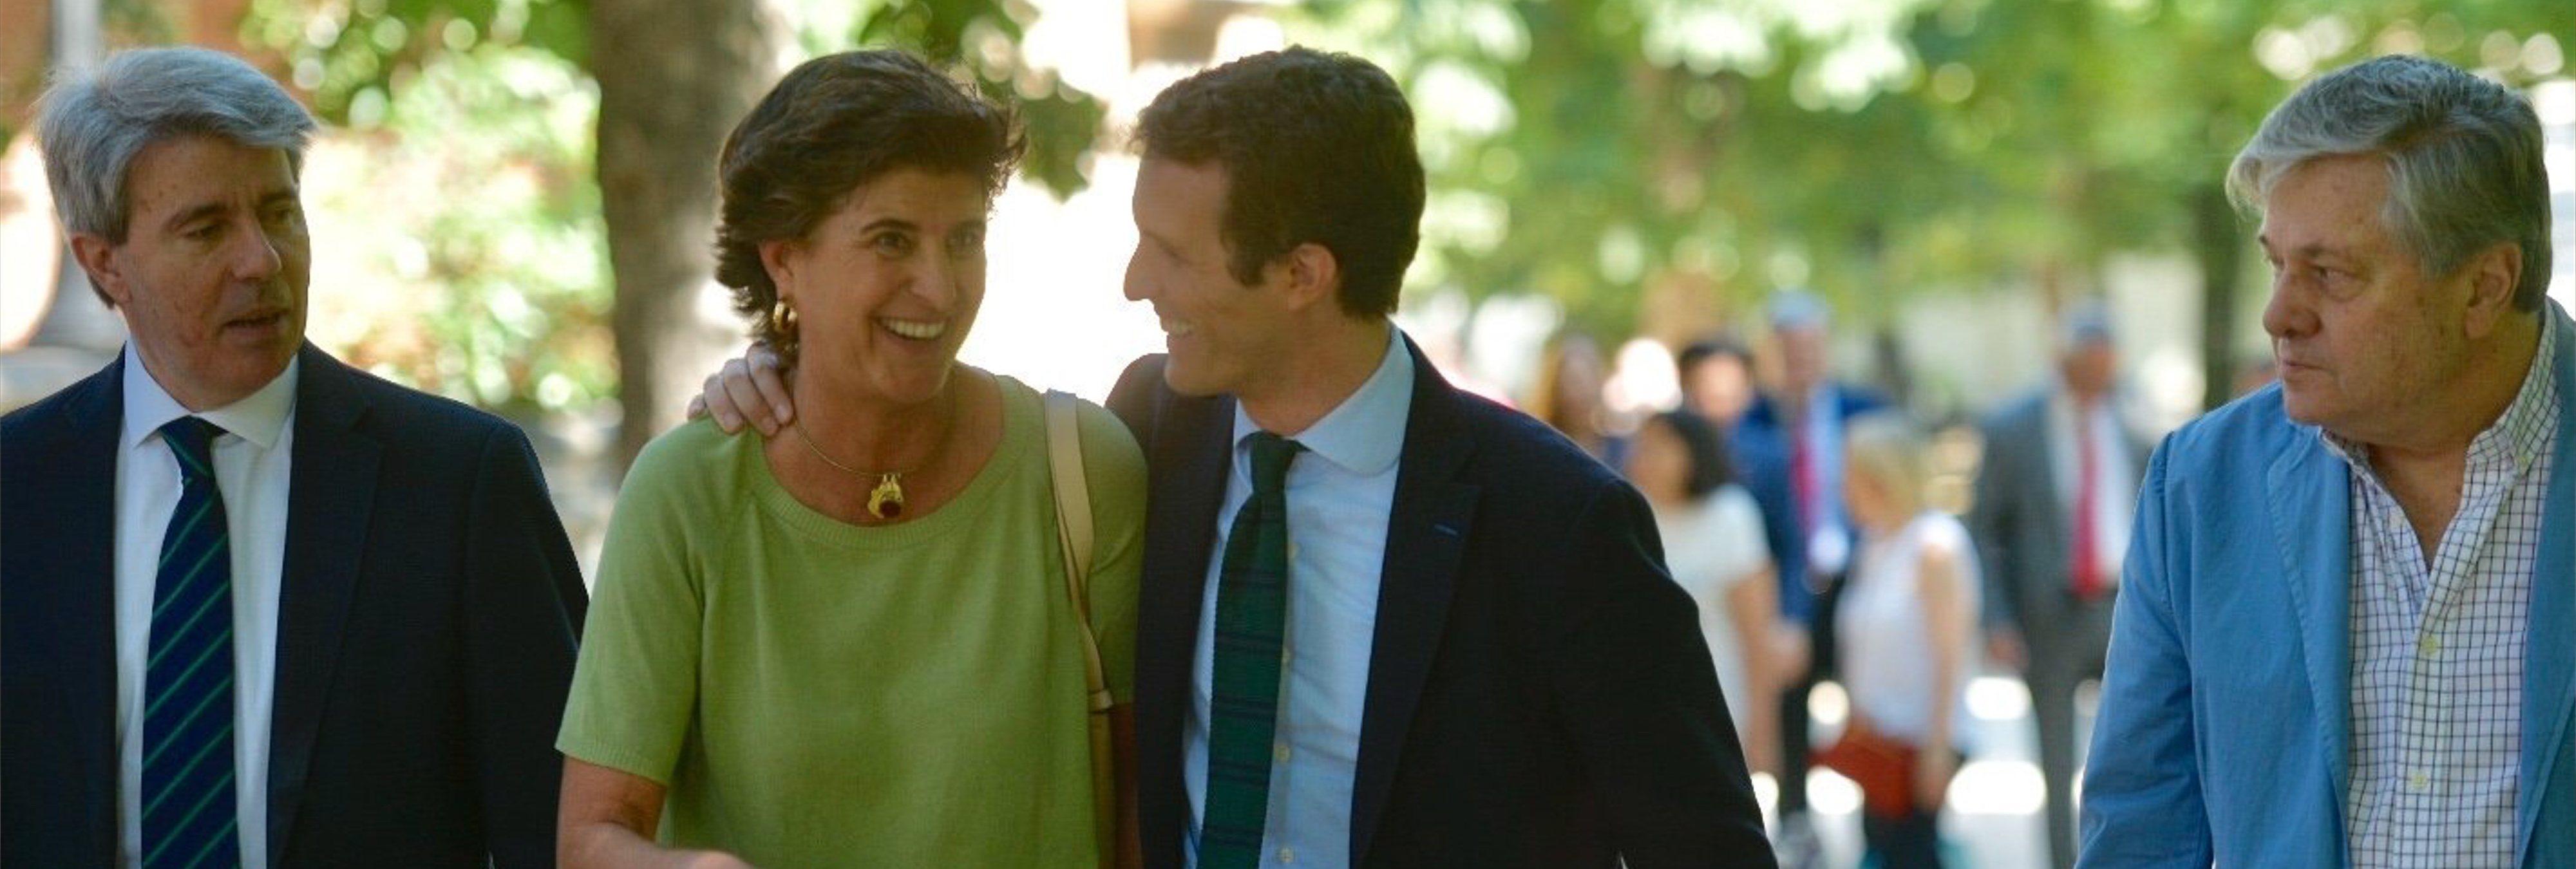 """La asesora ideológica de Casado: """"En era de confusión, olvidamos que el matrimonio es hombre y mujer"""""""